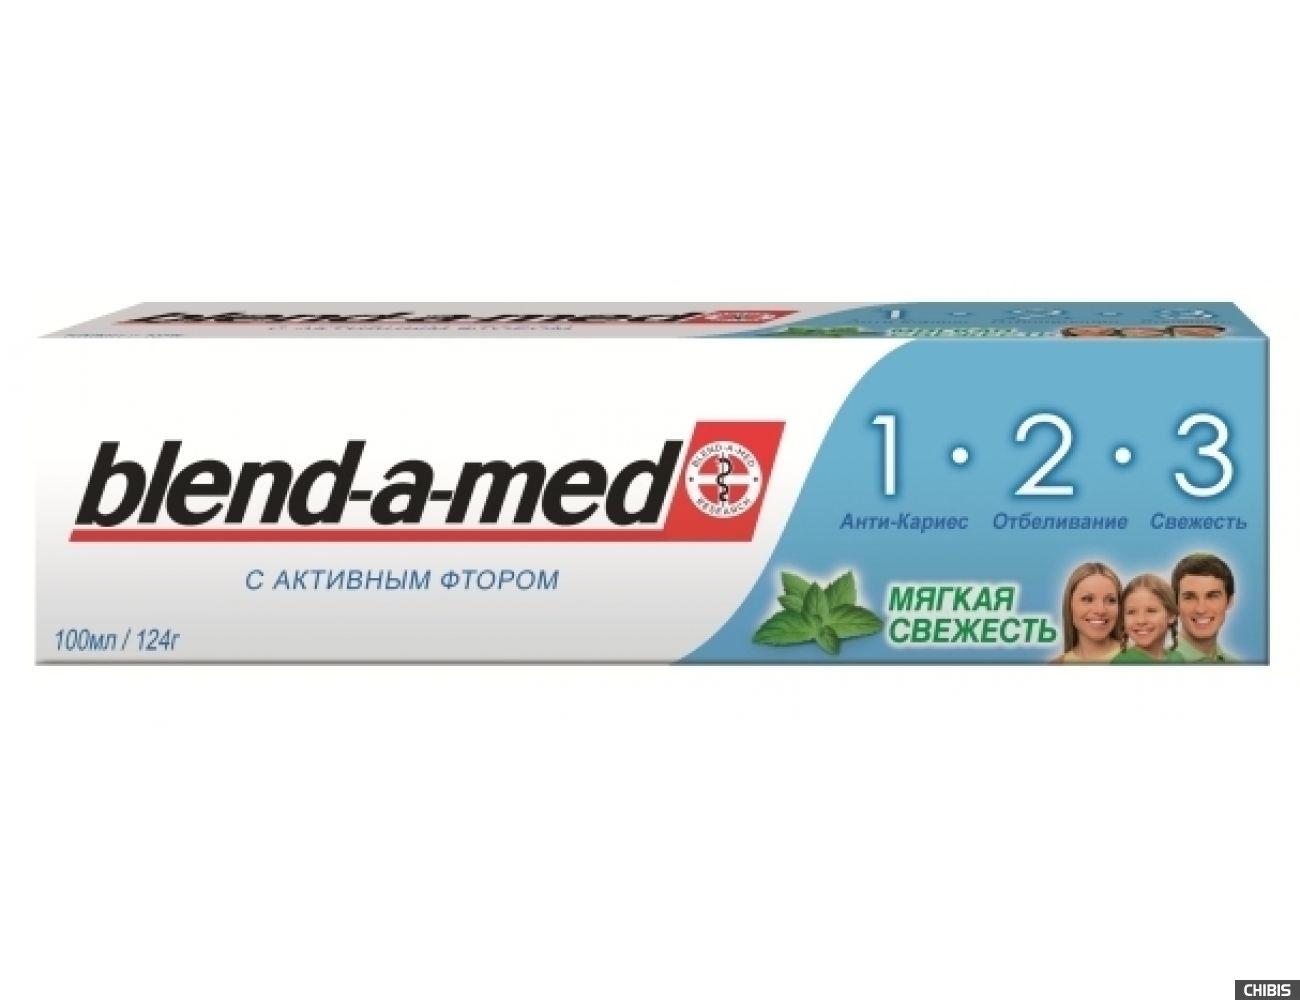 Зубная паста Blend-a-med 3-Эффект Мягкая Свежесть 100 мл.(5000174846959)